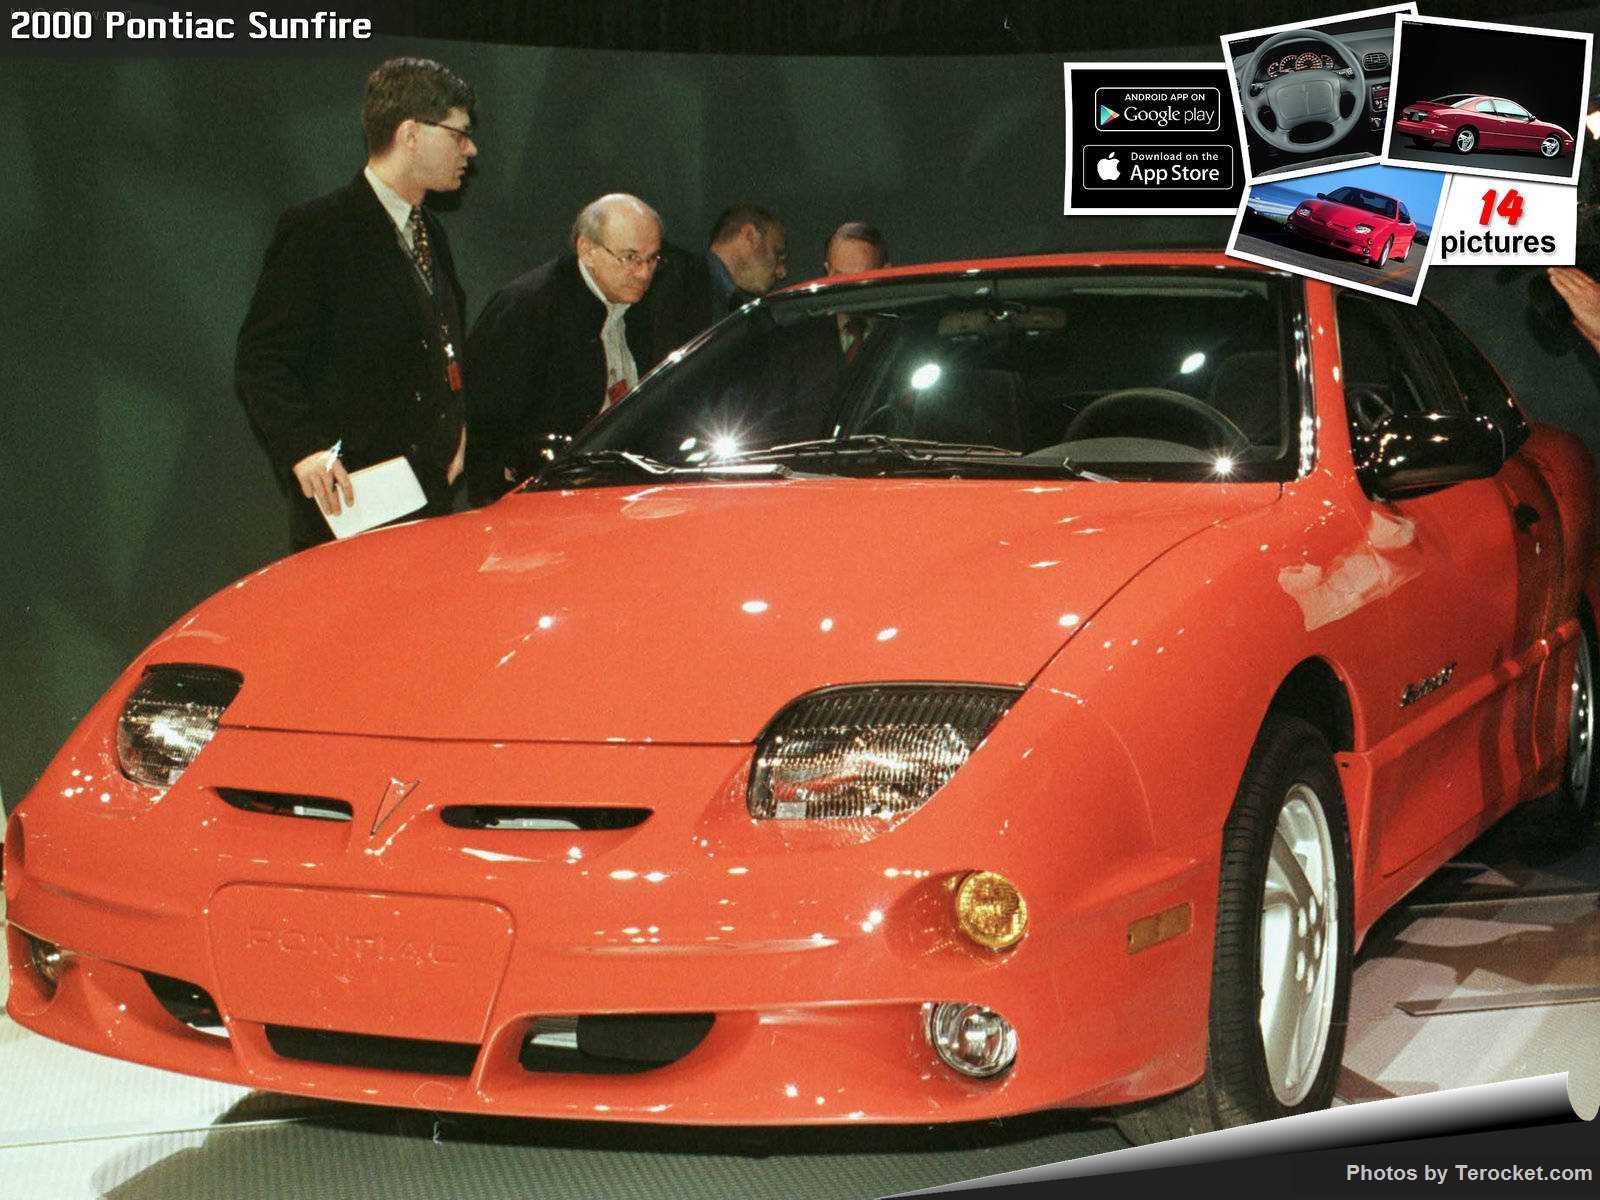 Hình ảnh xe ô tô Pontiac Sunfire 2000 & nội ngoại thất